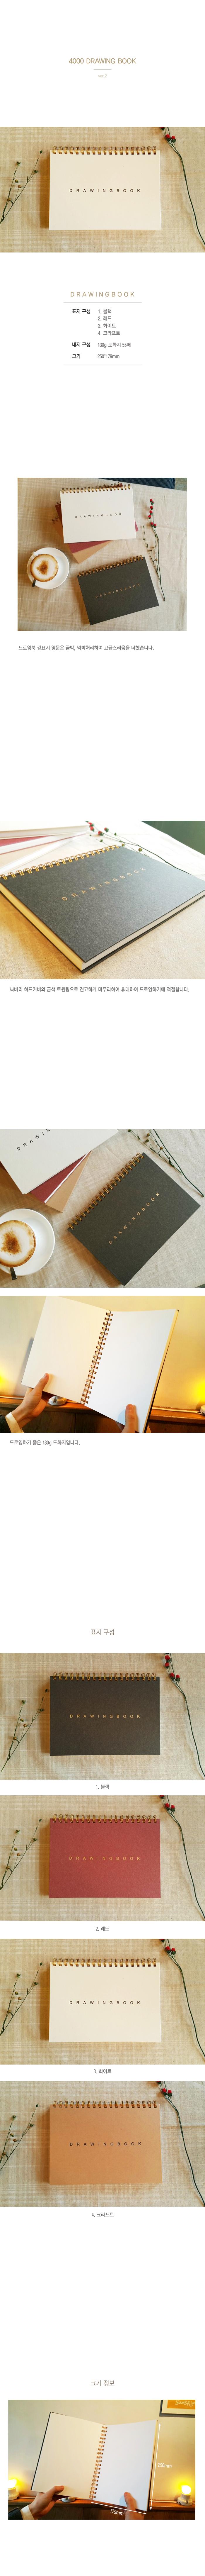 4000 드로잉북 ver.2 - 느티나무, 4,000원, 페인팅소품, 스케치북